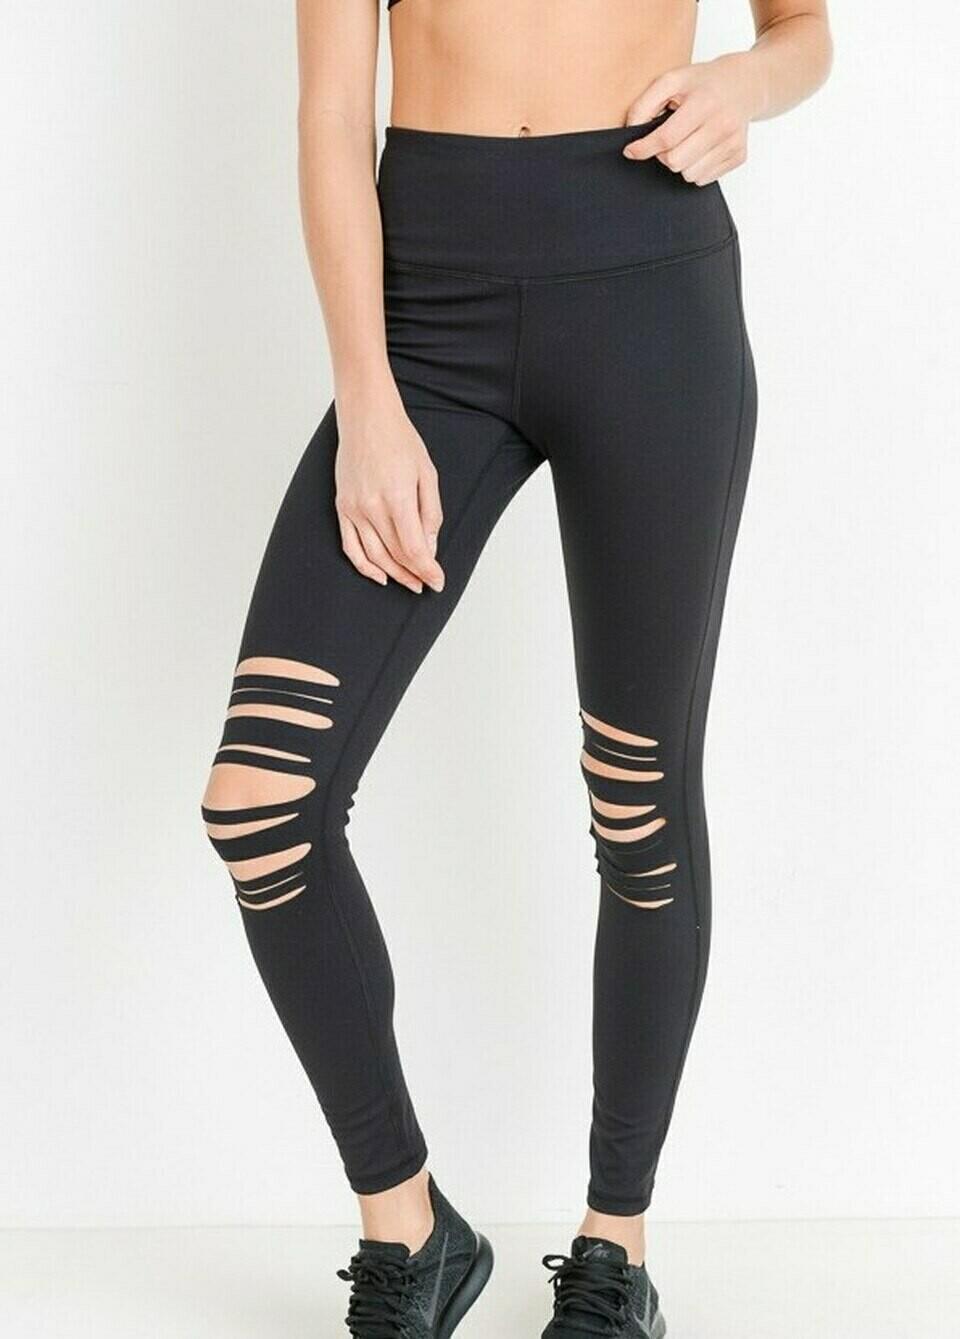 Distressed Black Legging